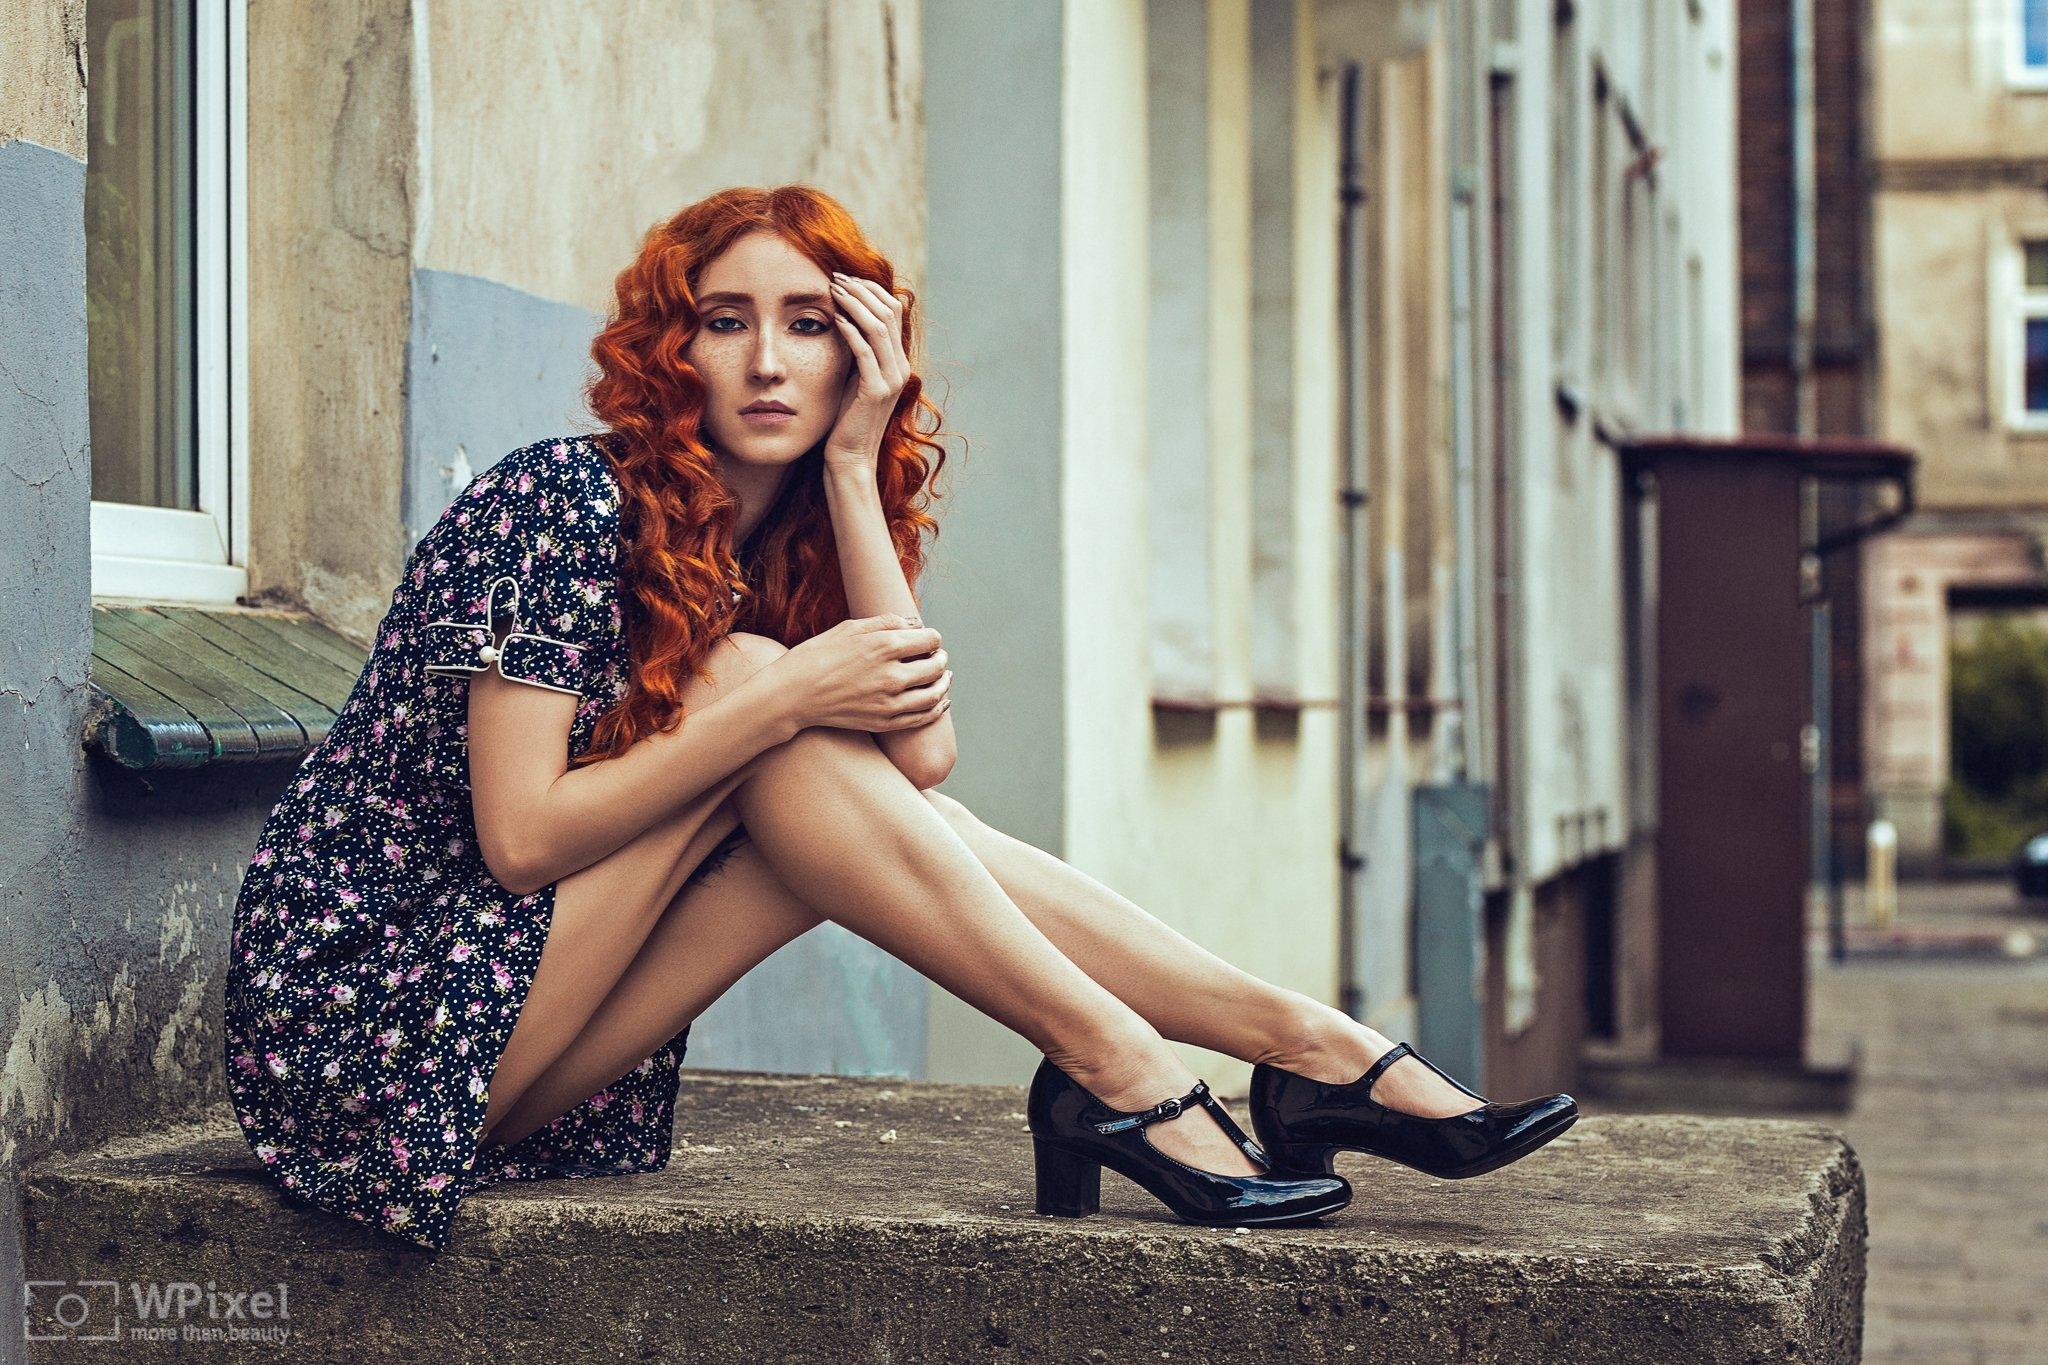 portrait women eyes redhair legs, Wojtek Polaczkiewicz